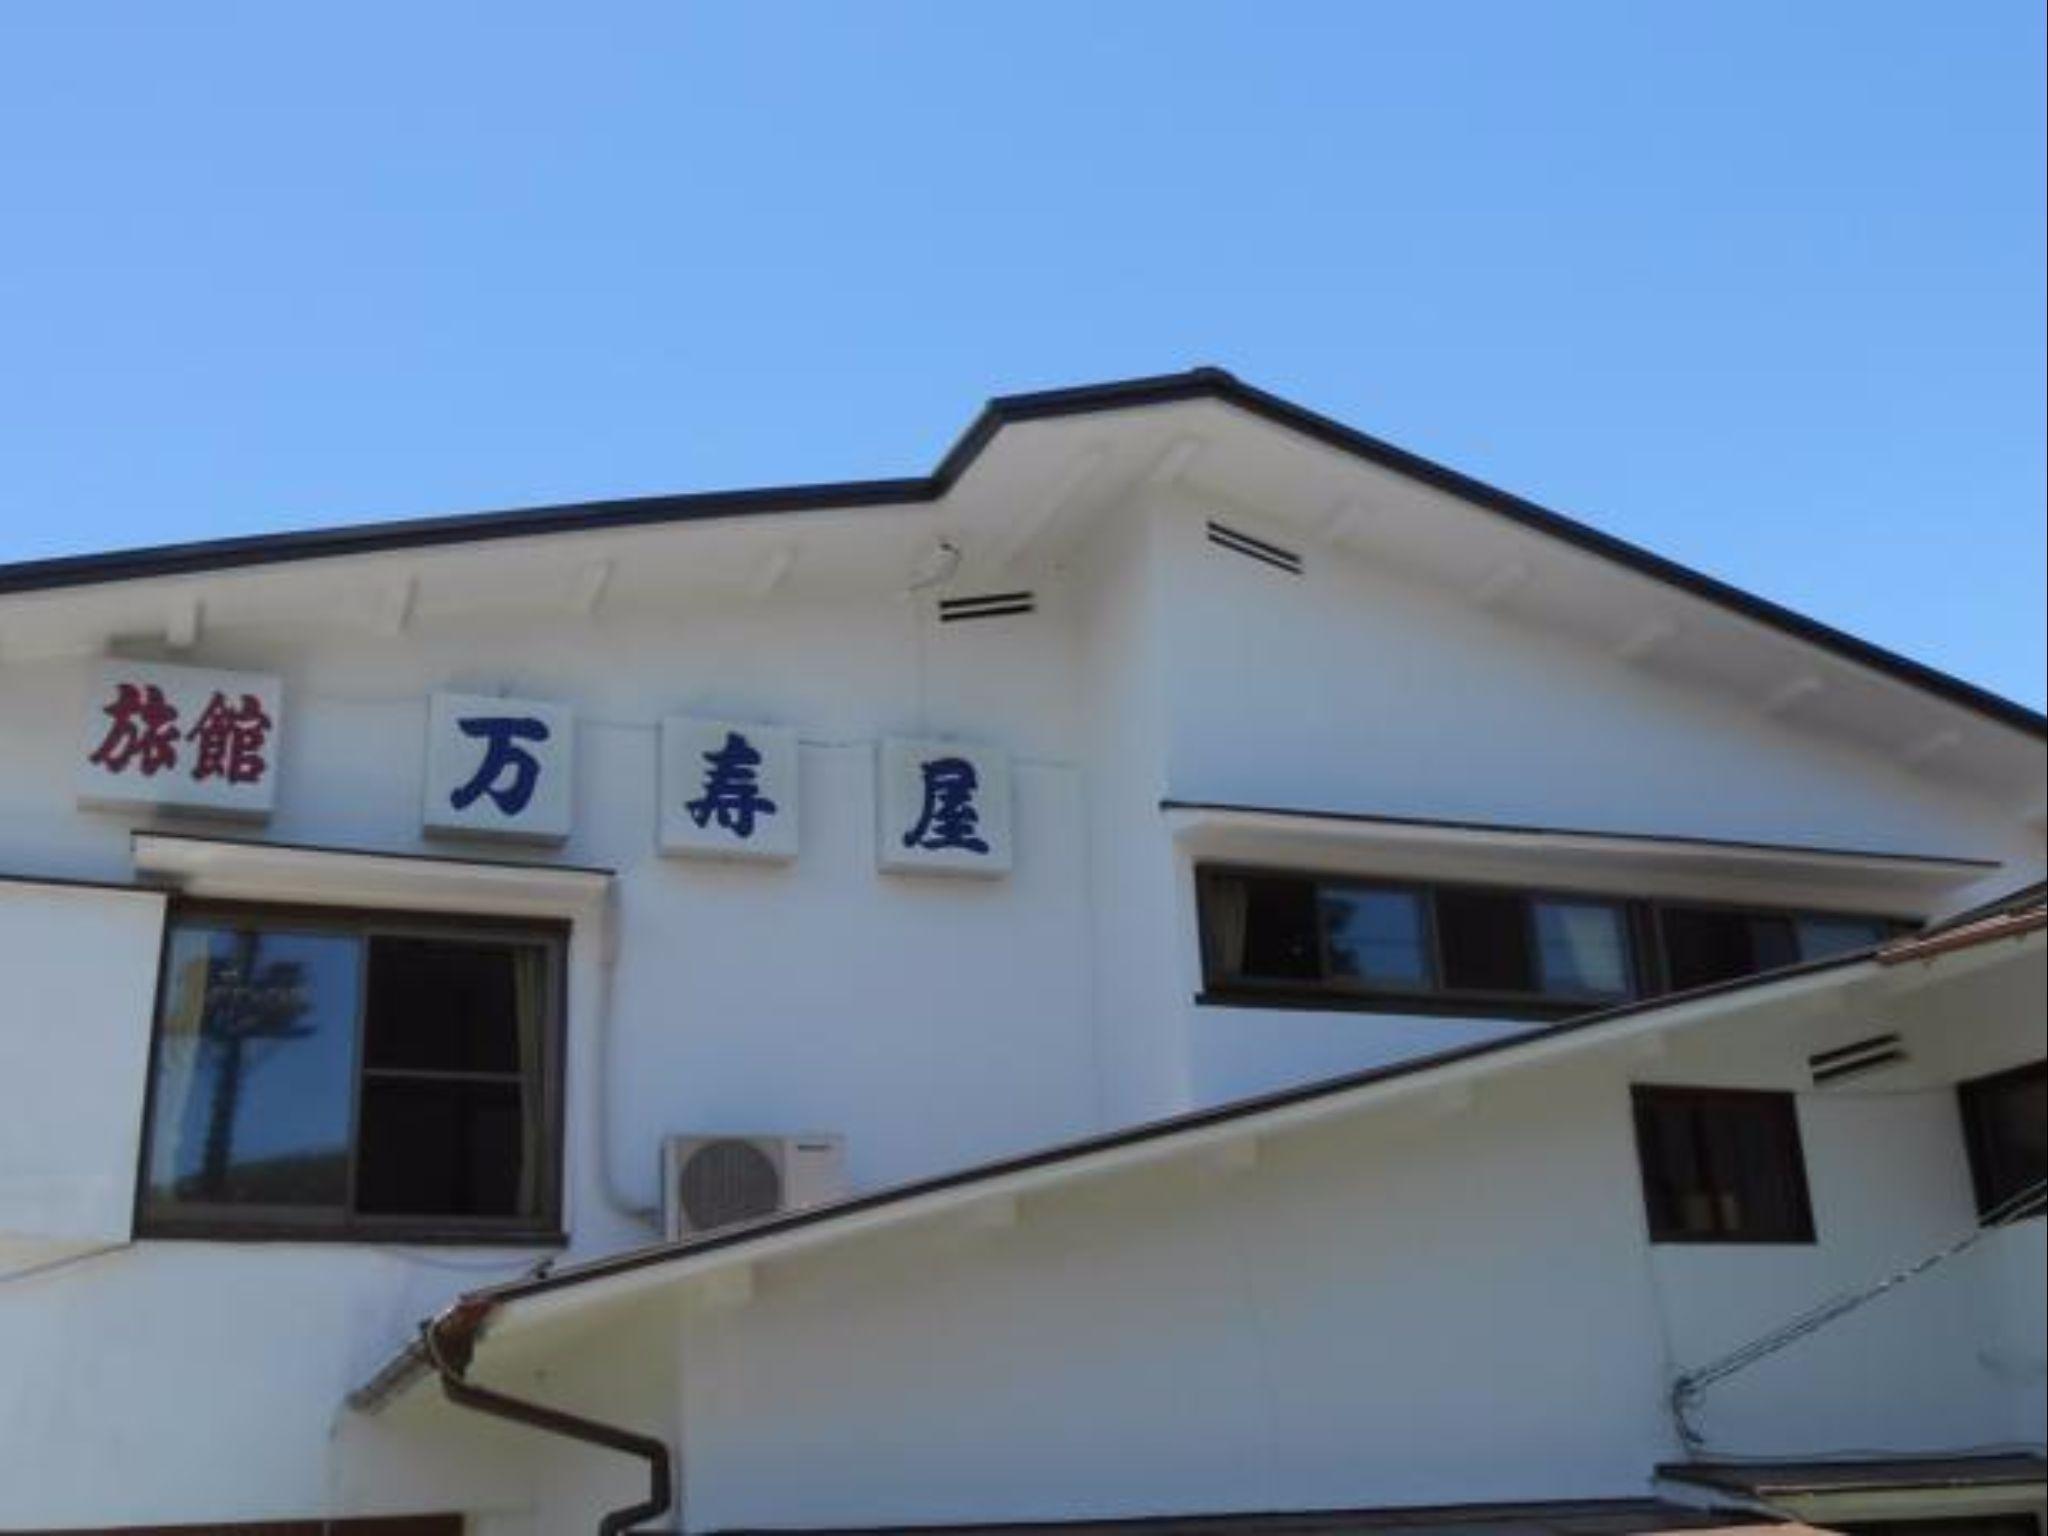 萬壽屋旅館 Ryokan Masuya